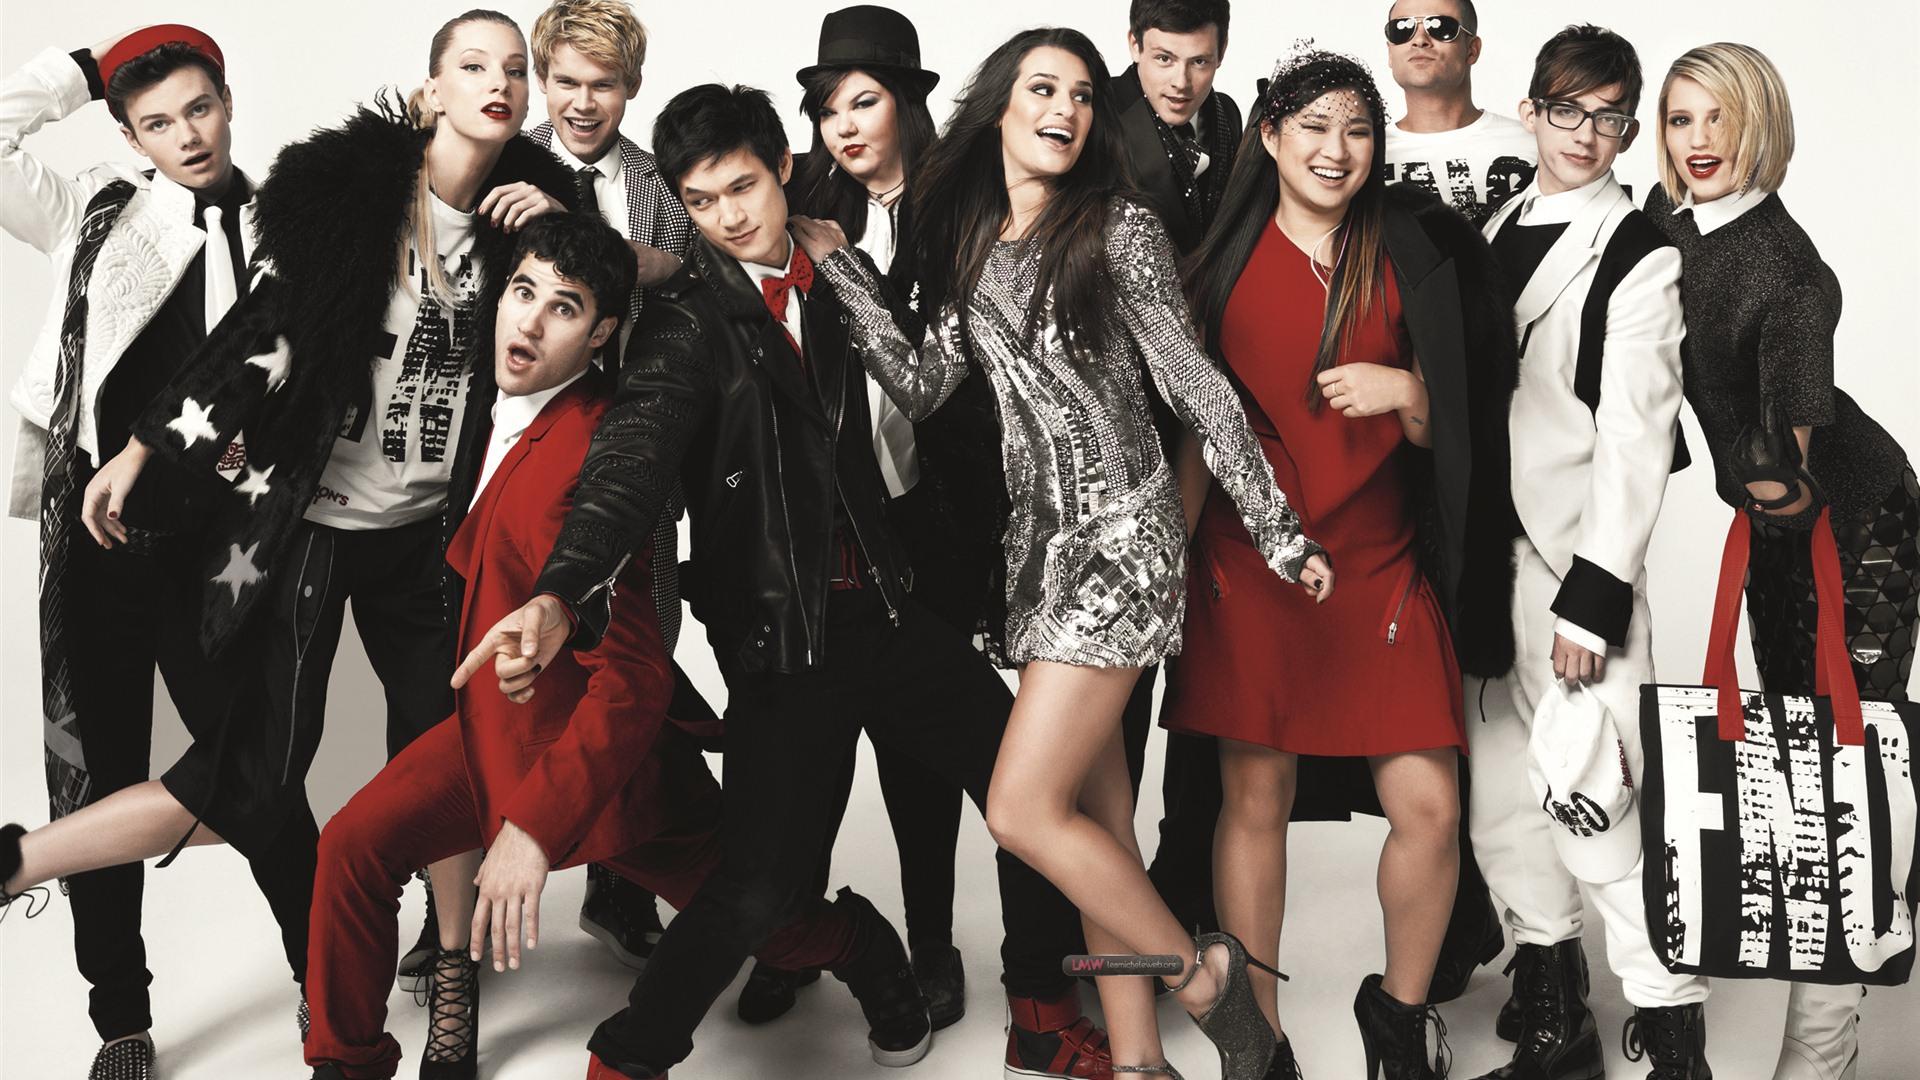 Glee S Ries Tv Hd Fonds D 39 Cran 5 1920x1080 Fond D